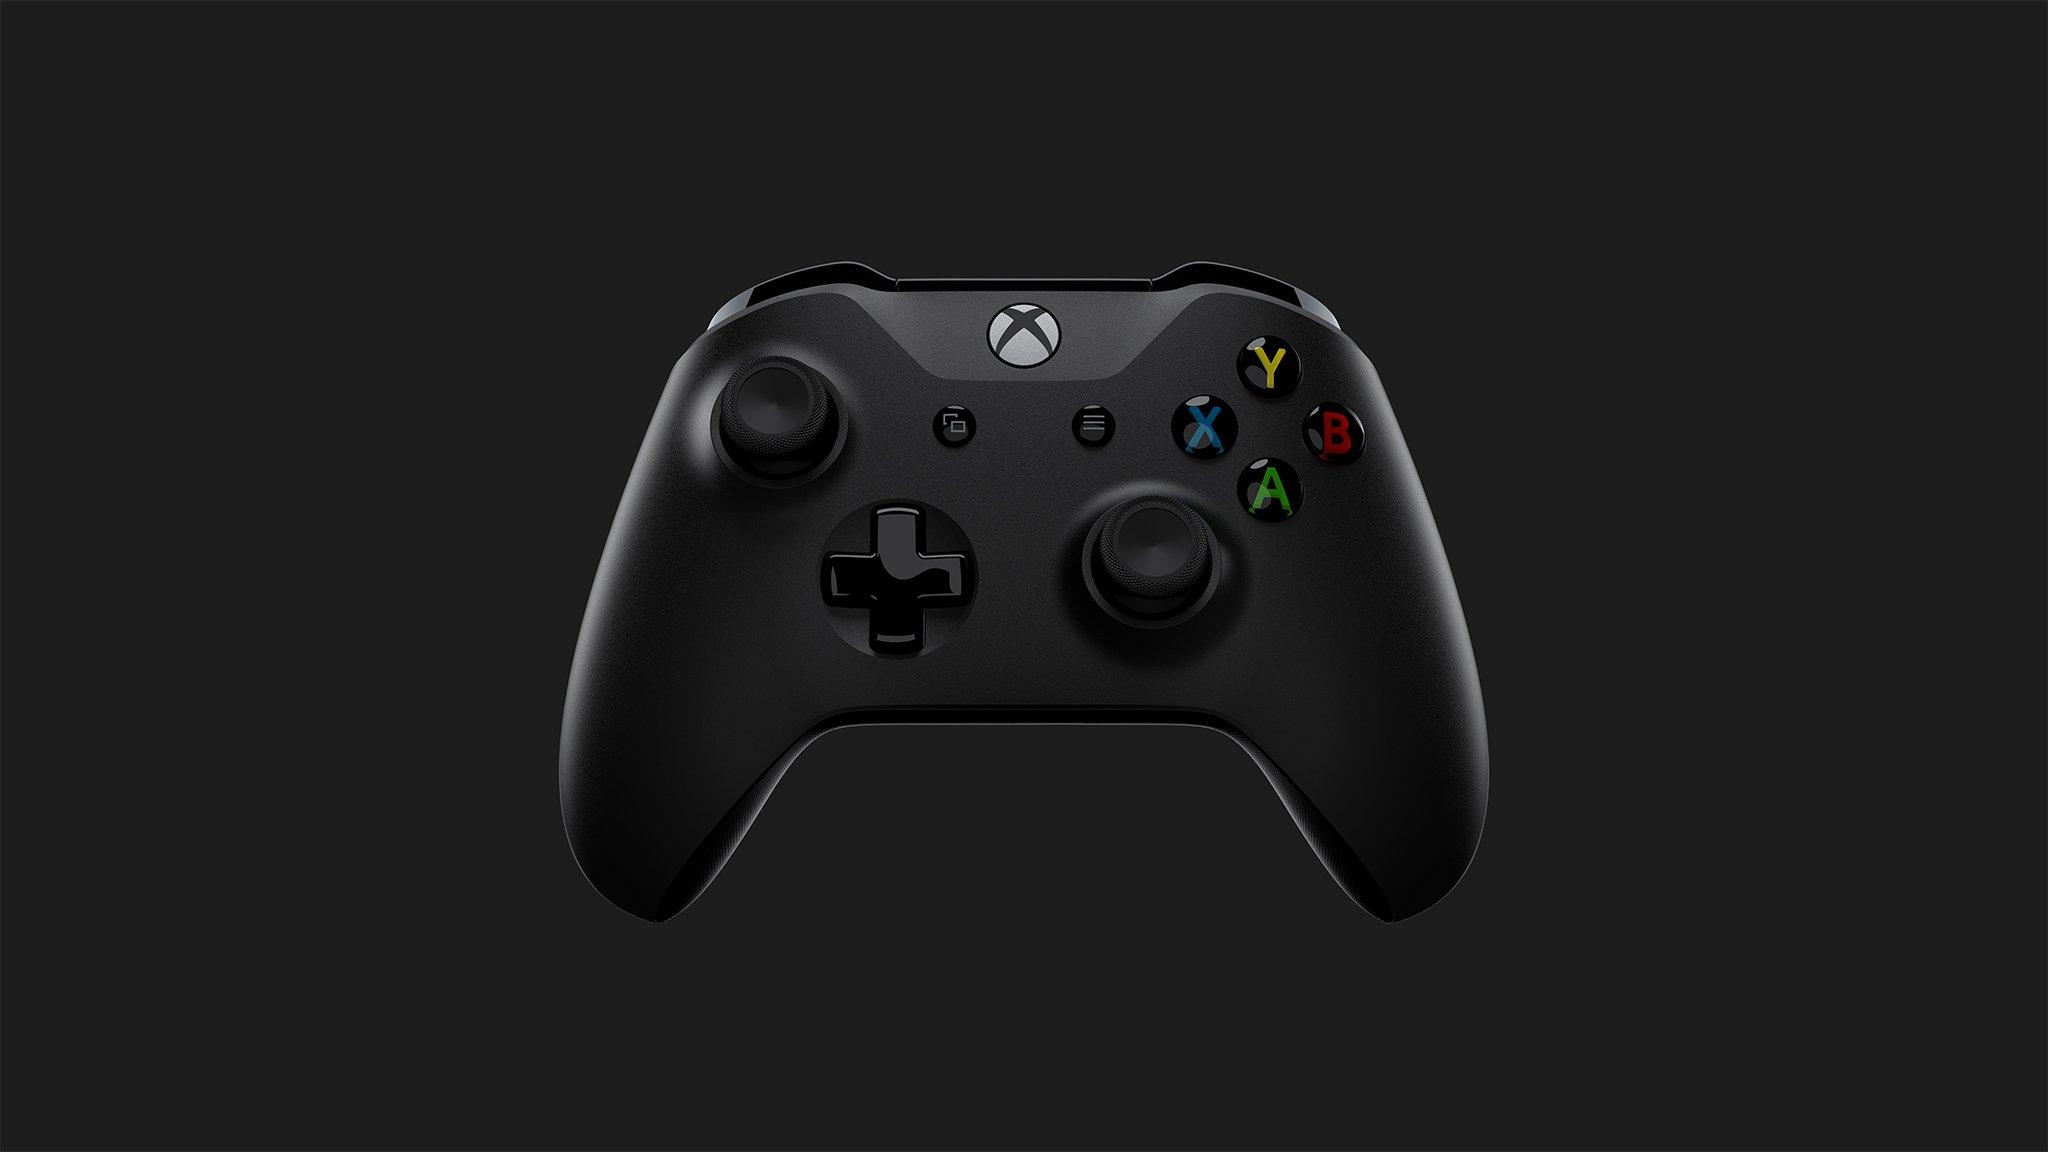 Rumeur : Deux nouvelles consoles Xbox à venir en 2020